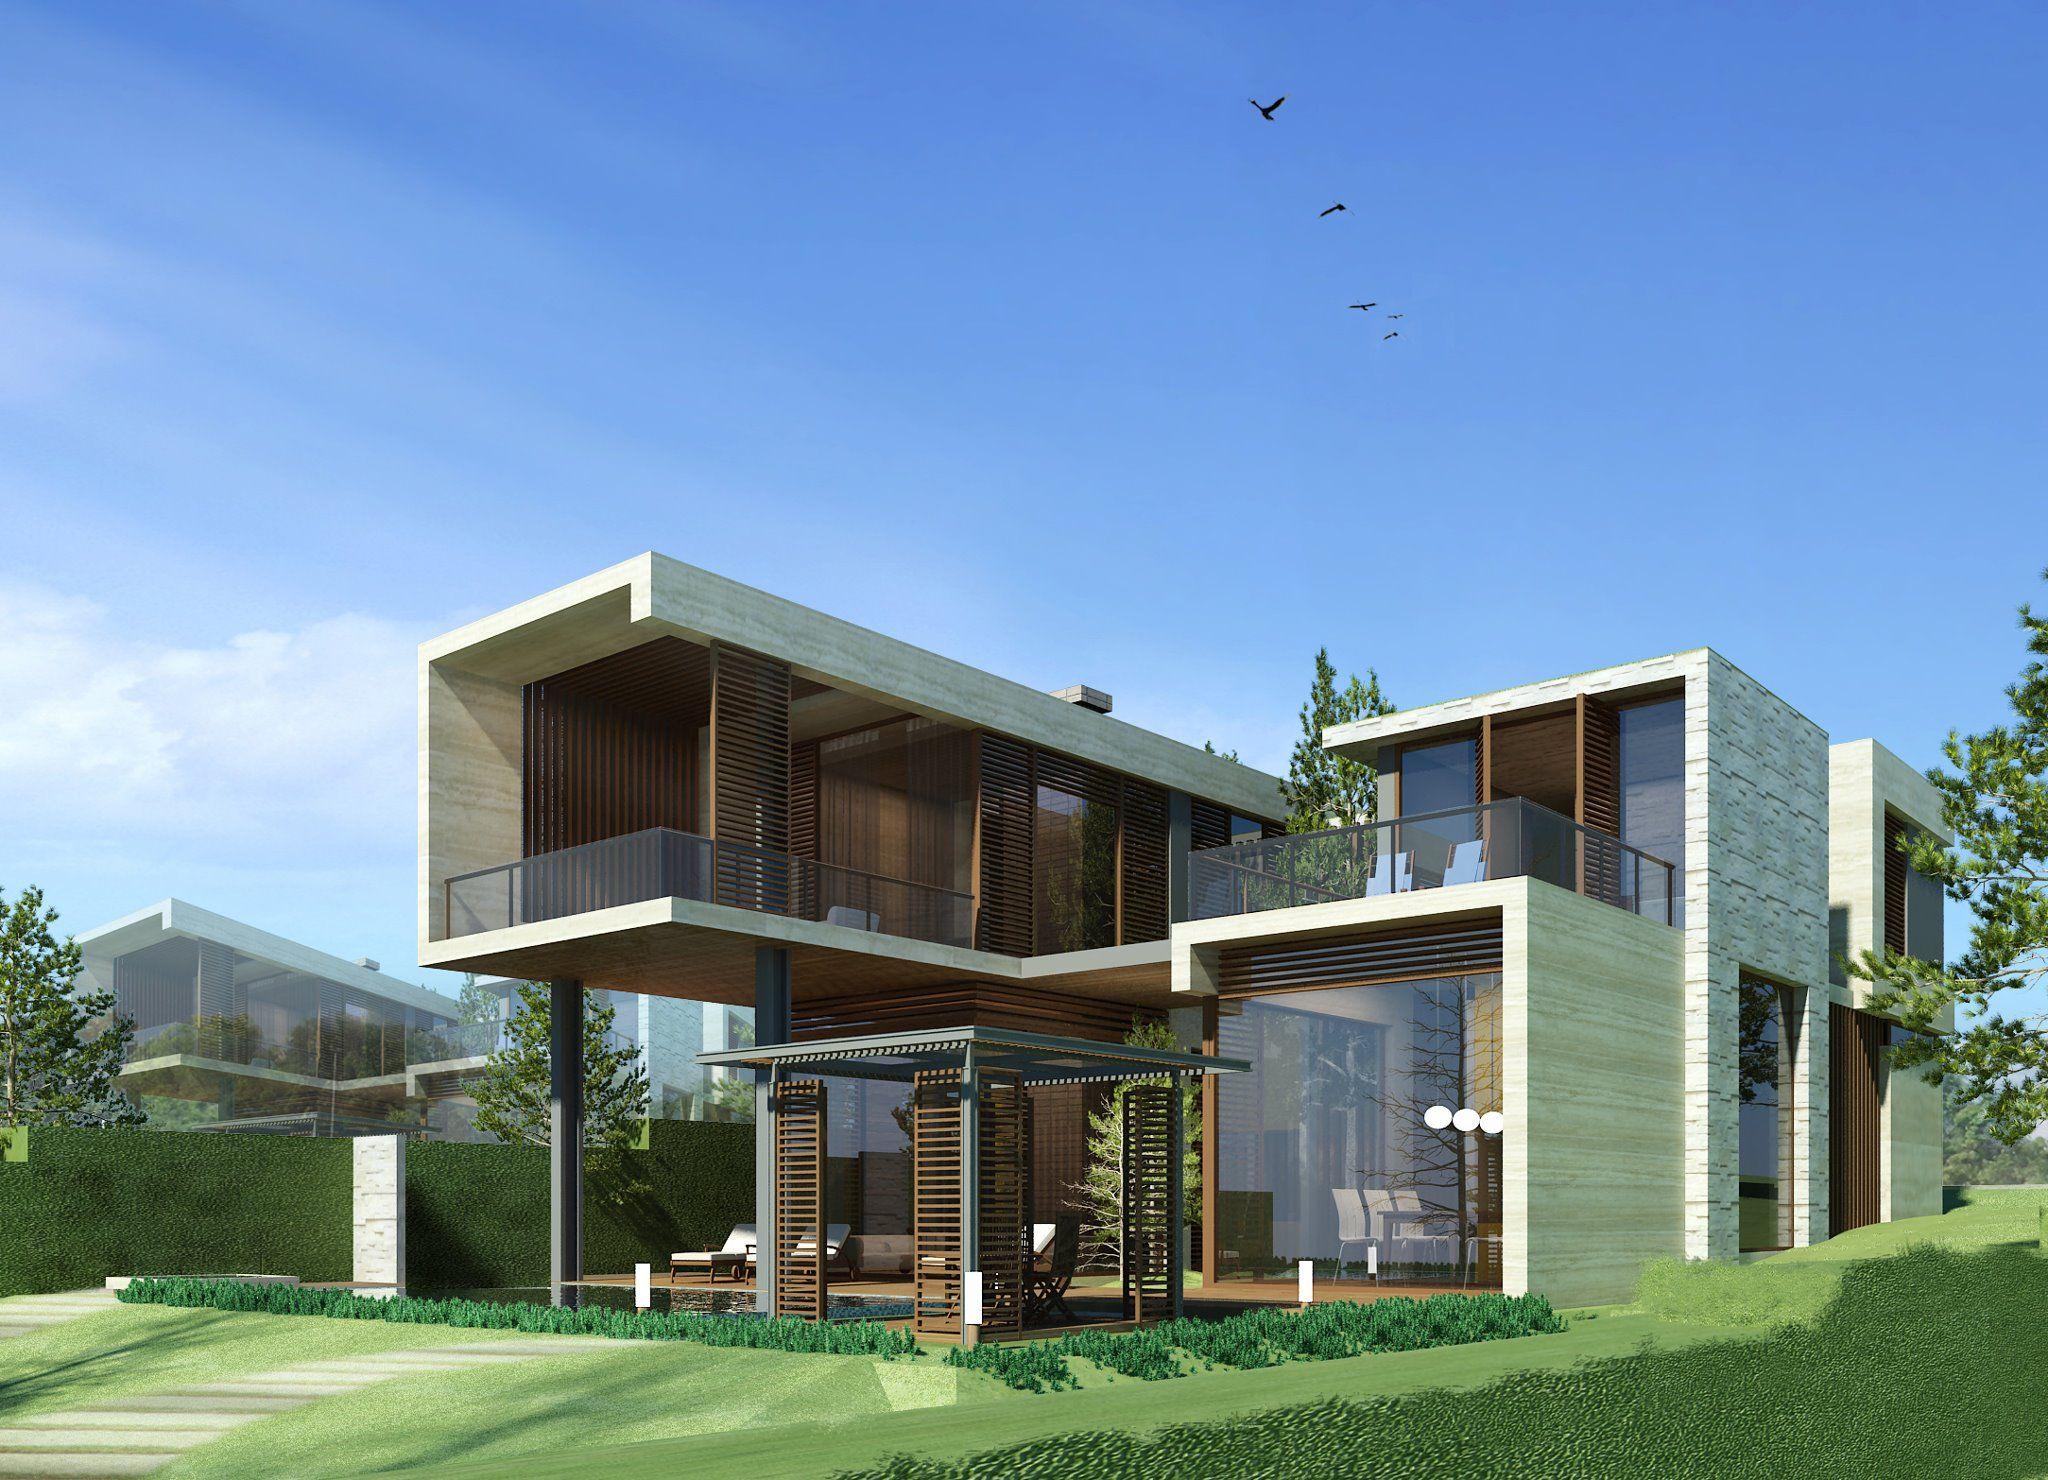 Casa moderna home pinterest casas modernas moderno for Casa moderna arquitectura